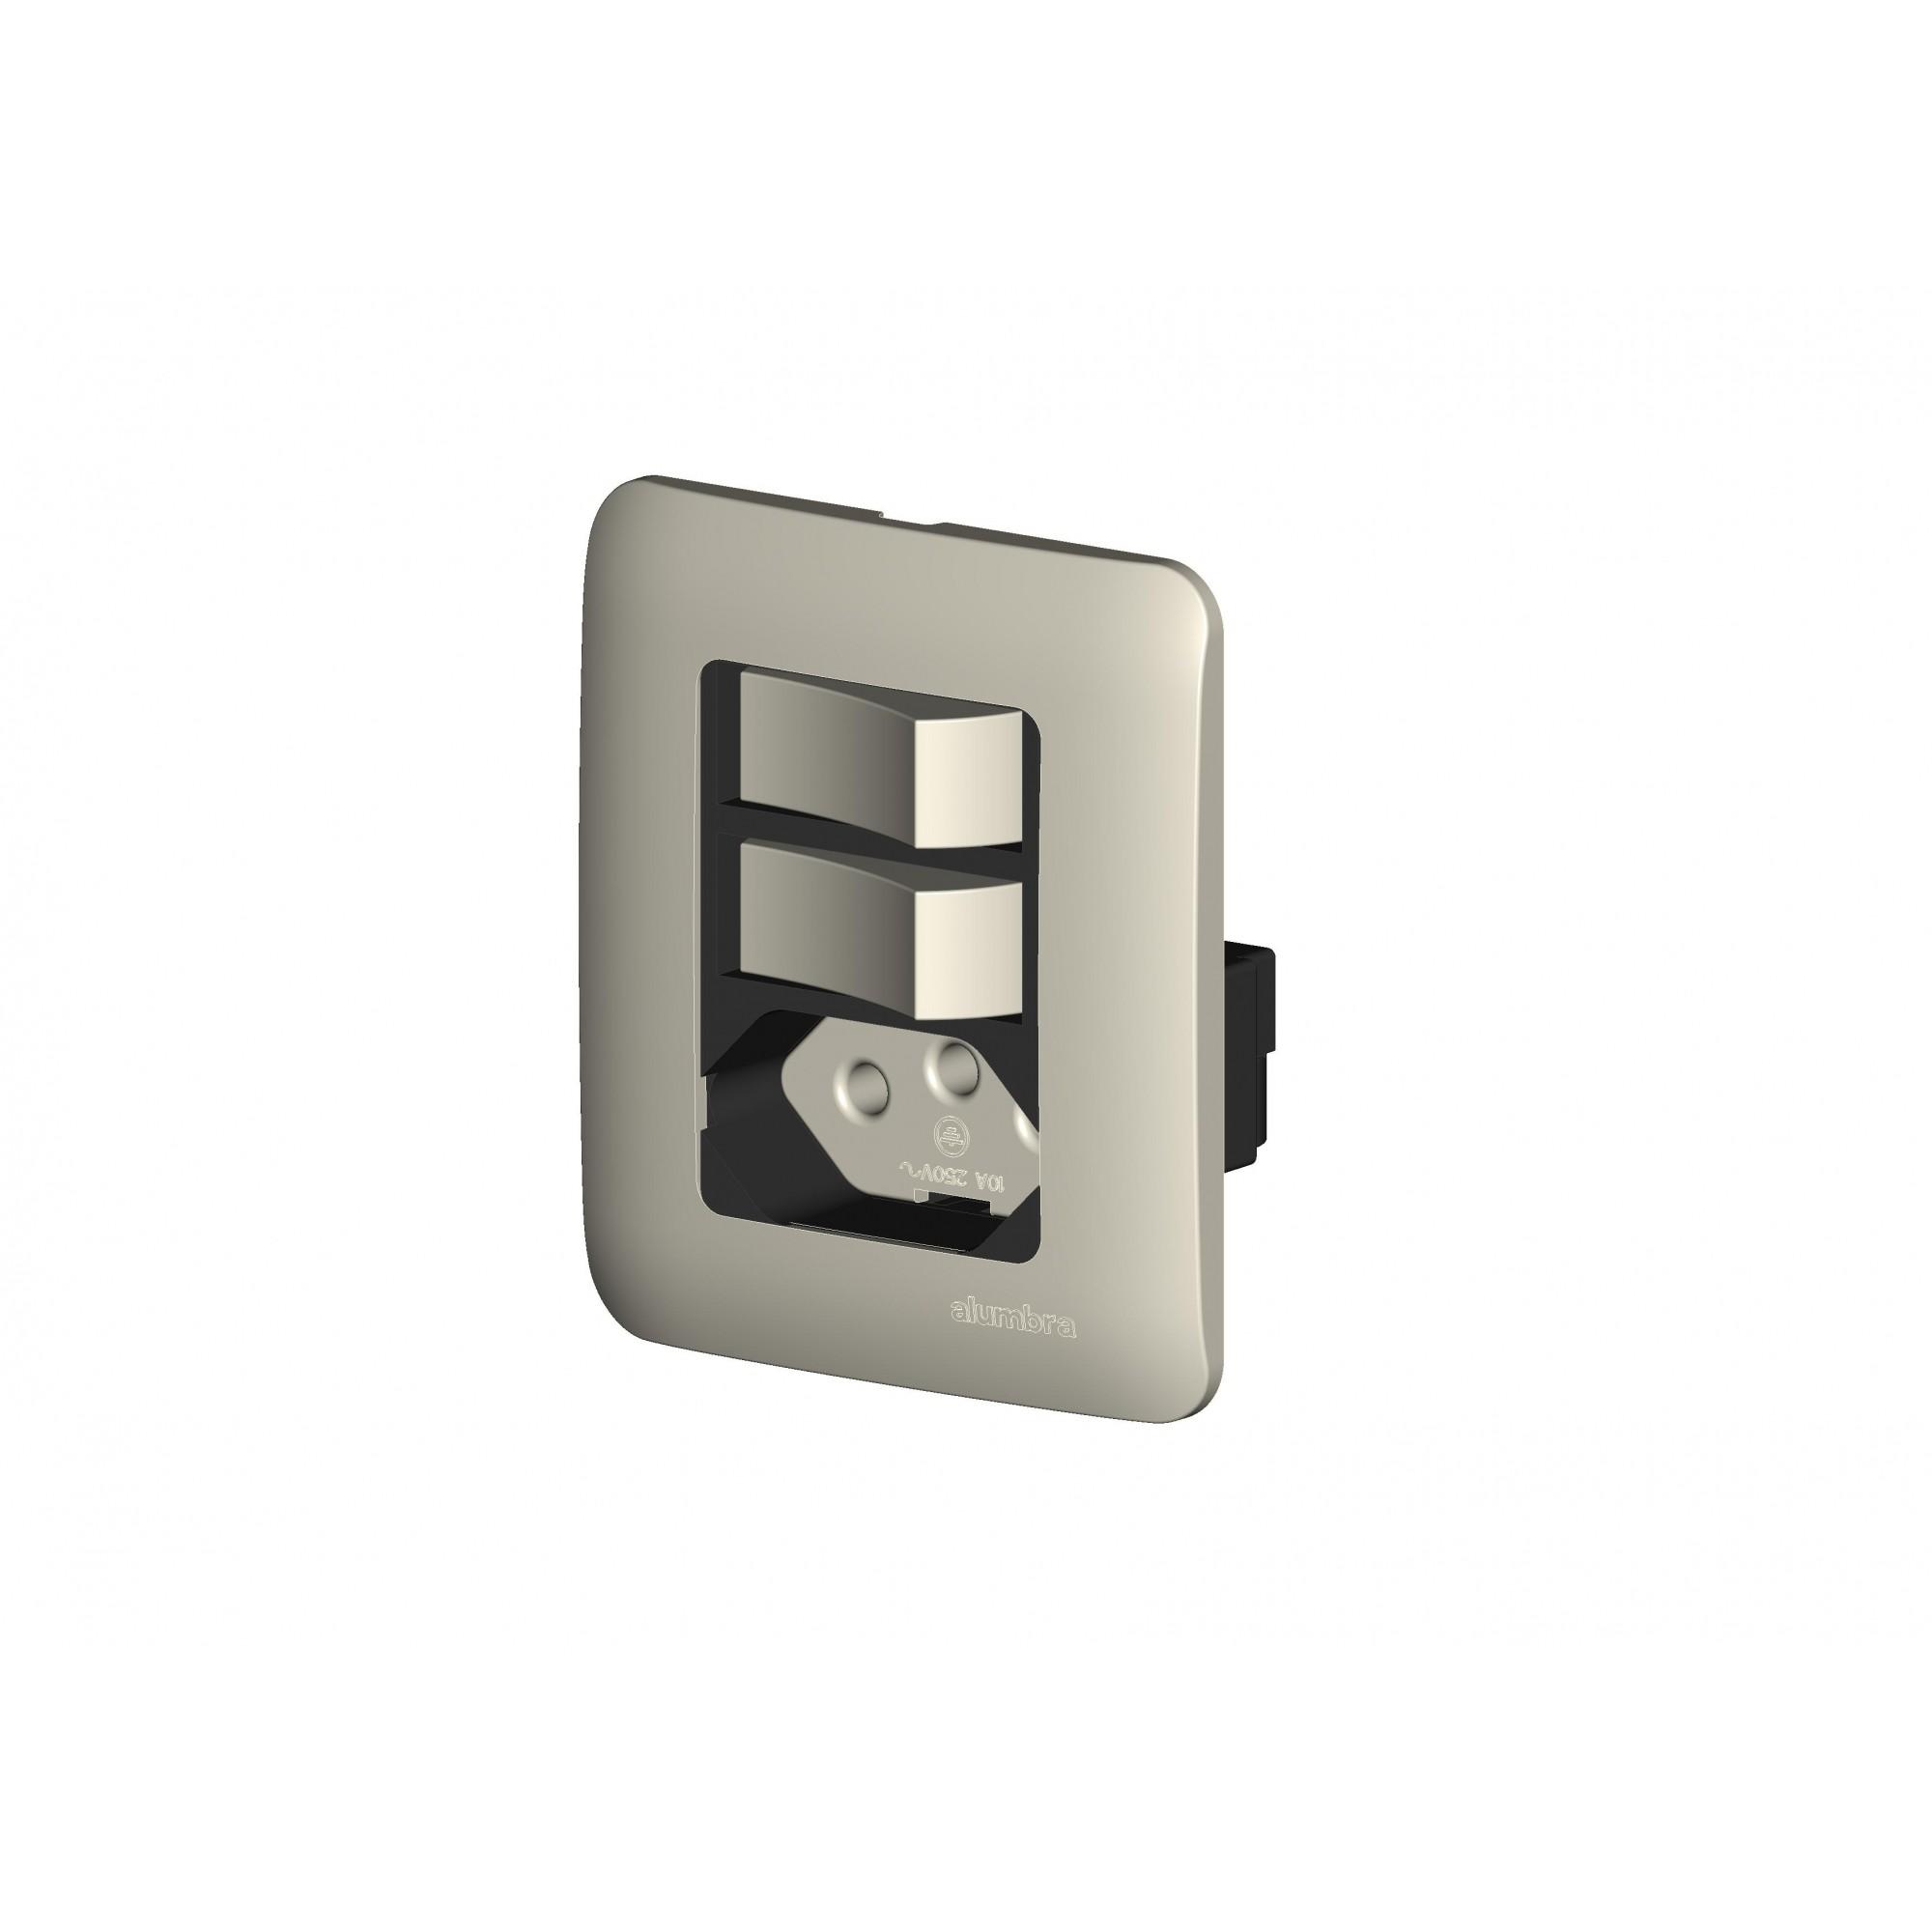 Conjunto De Sobrepor 1 Interruptores Paralelo  Elo + 1 Interruptor Simples + 1 Tomada 2P+T 10A Com  Placa - Branco - Alumbra - Linha A